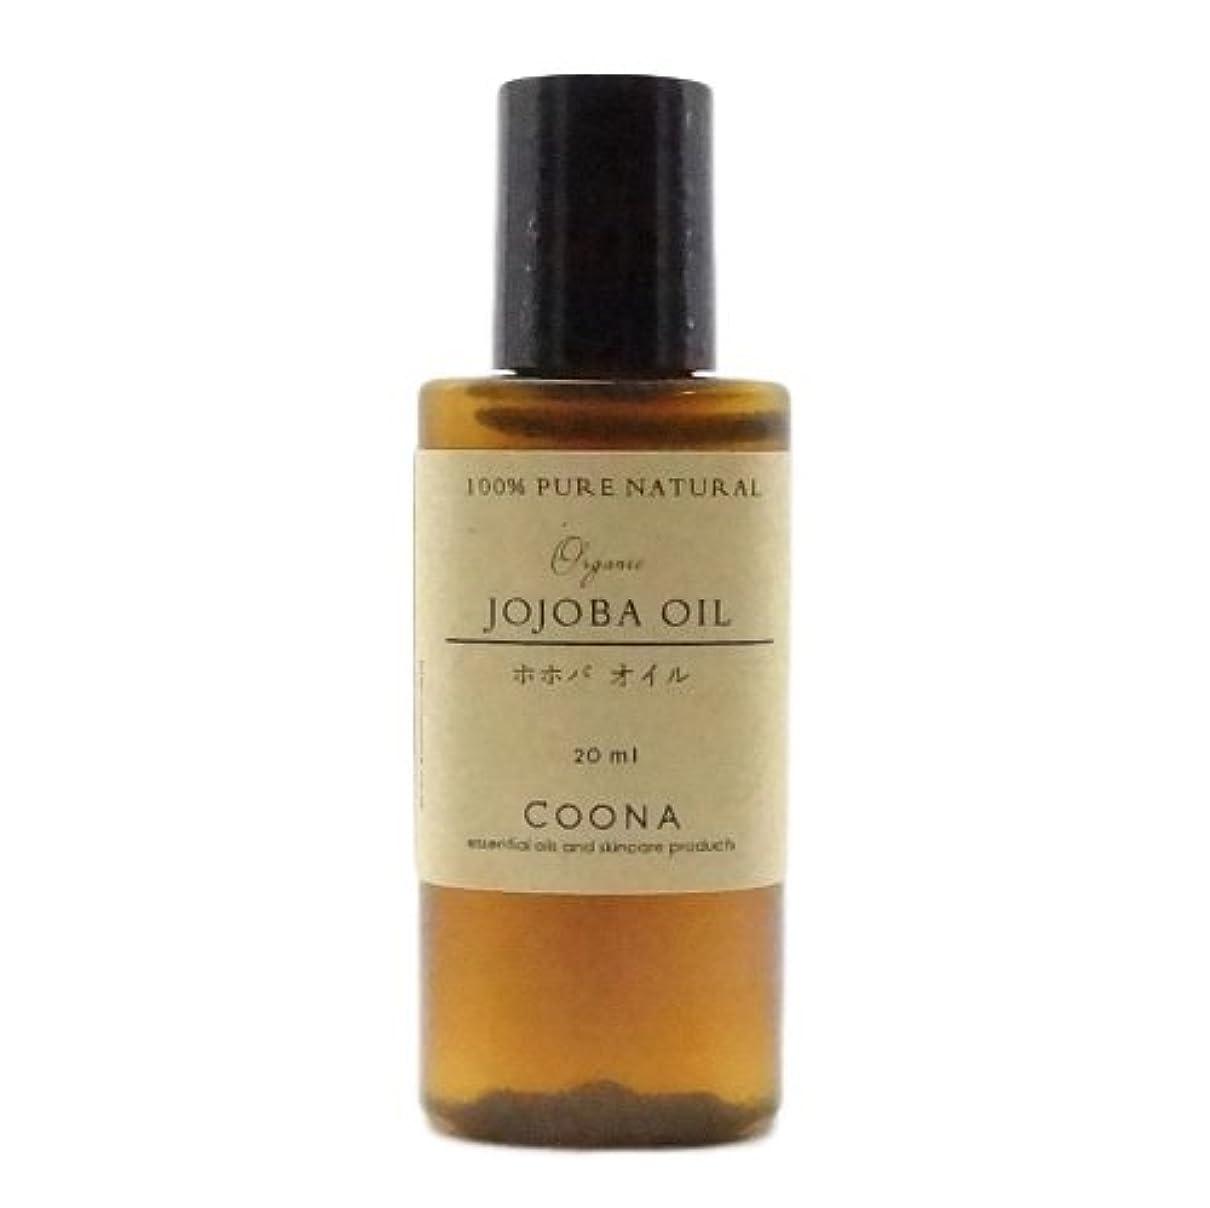 考古学的な余計な市区町村ホホバオイル 20 ml (COONA キャリアオイル ベースオイル 100%ピュア ナチュラル 天然植物油)